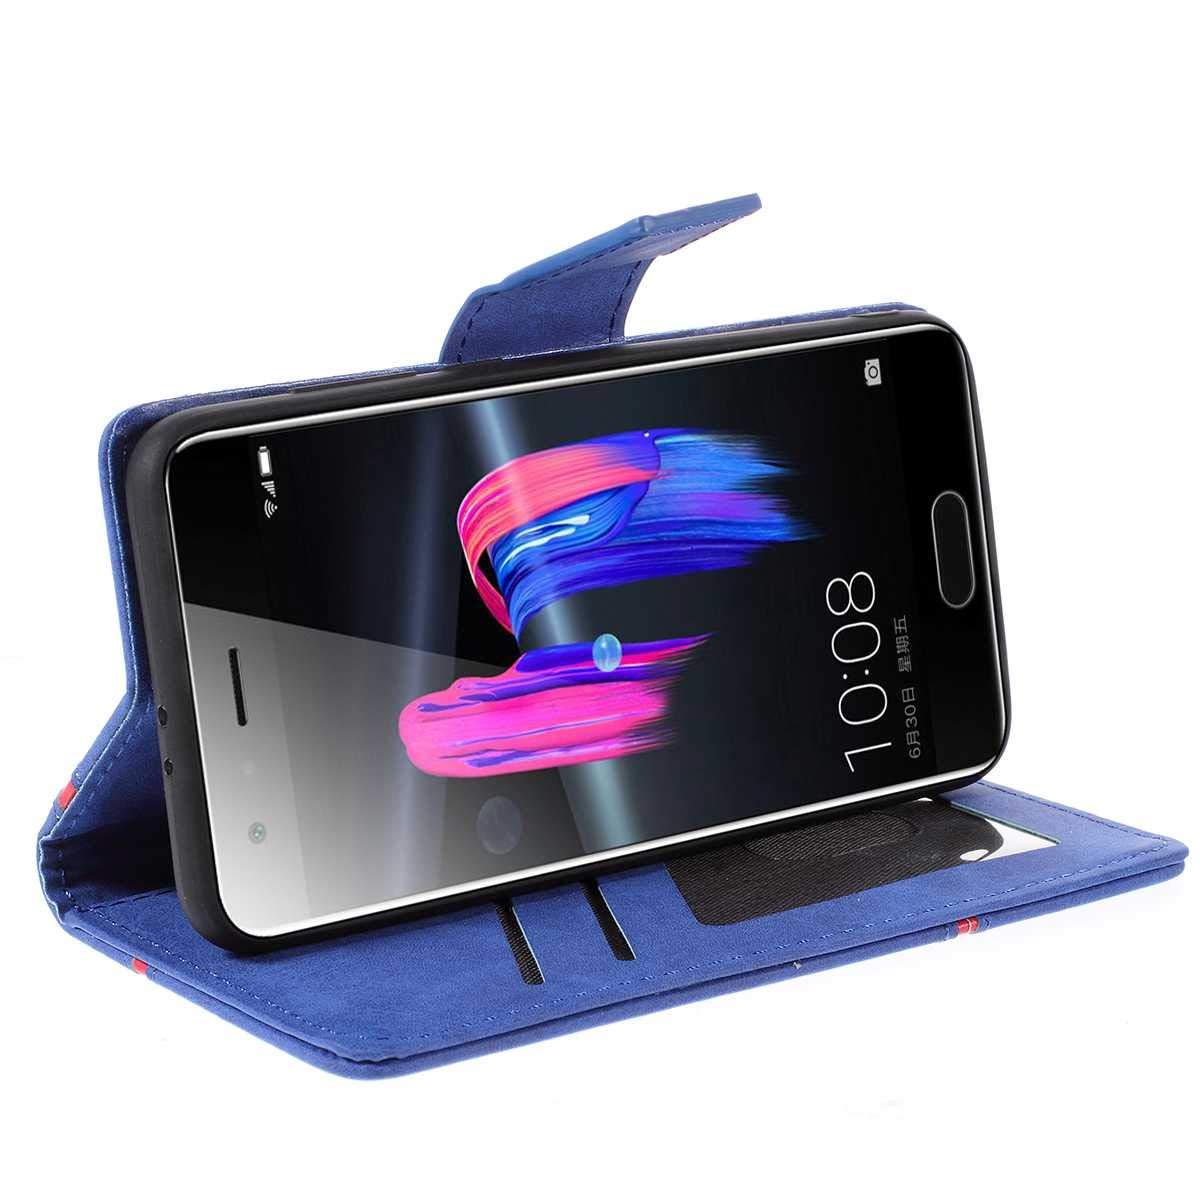 Noir Bear Village/® Huawei Honor 9 /Étui en Cuir Coque pour Huawei Honor 9 Portefeuille Housse /à Rabat avec Fonction de Support et Fente pour Cartes